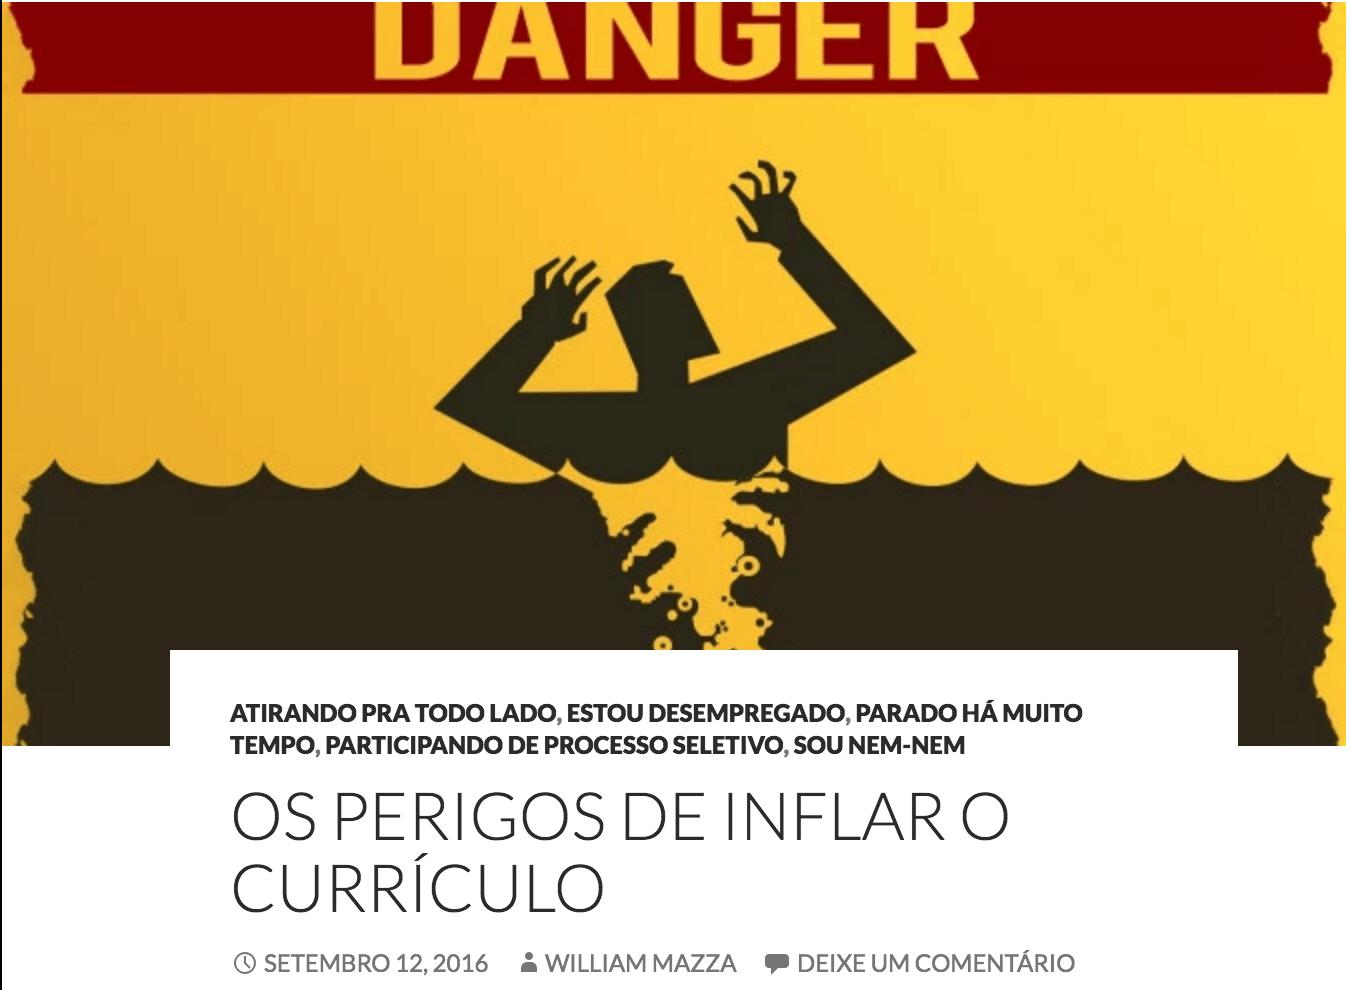 perigos-de-inflar-curriculo-artigo-blog-quero-trabalhar